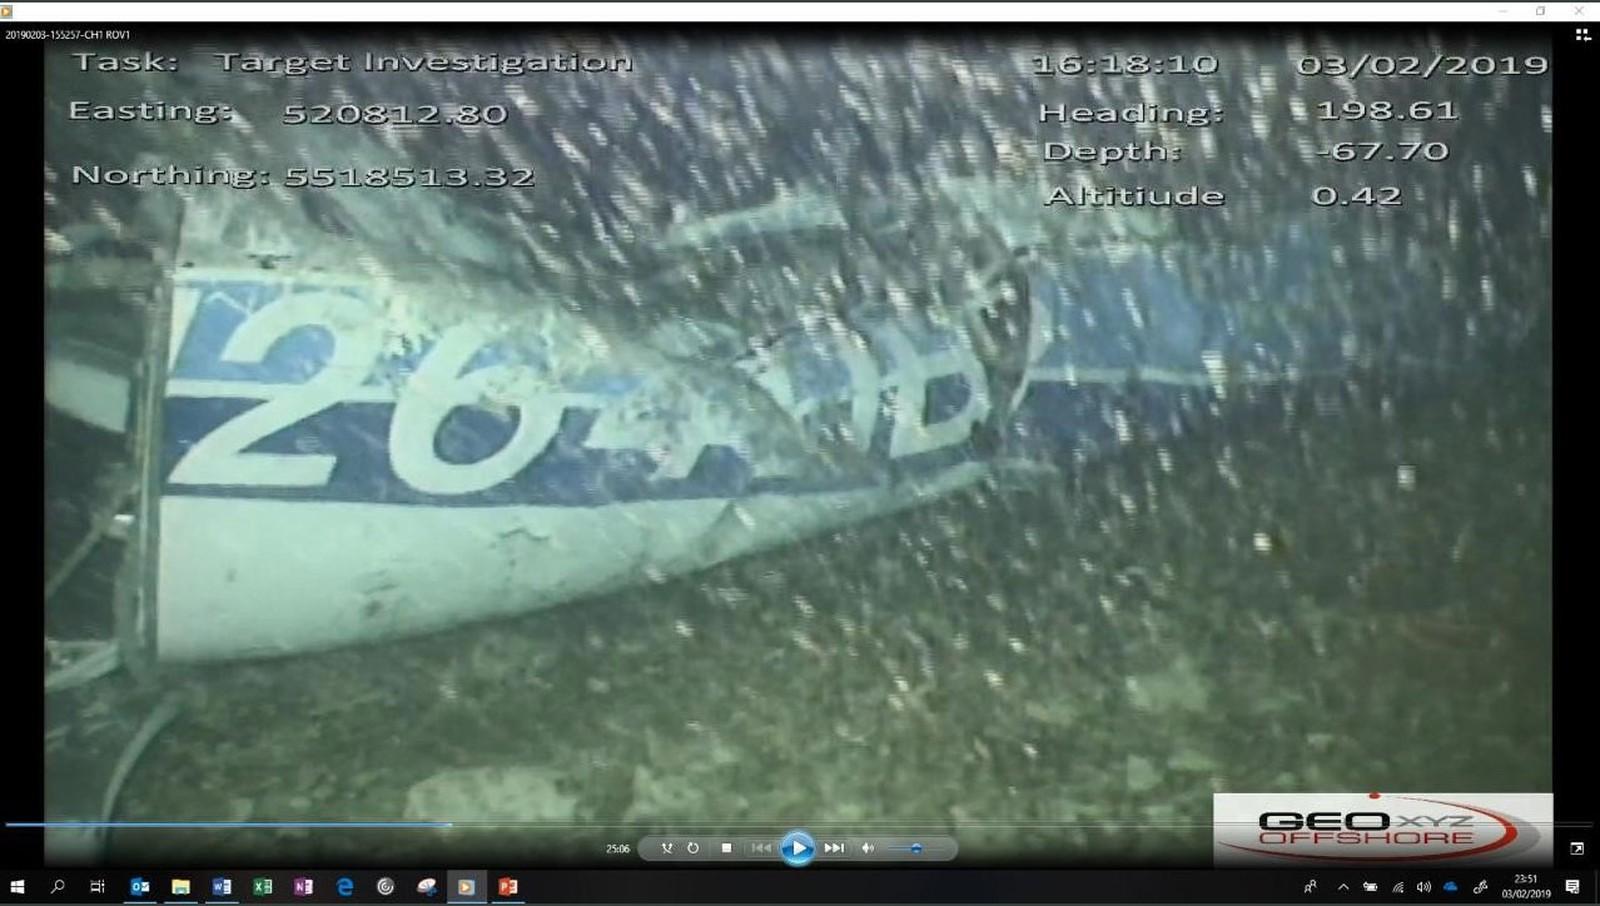 Equipes resgatam corpo em destroços de avião onde estava o jogador Emiliano Sala